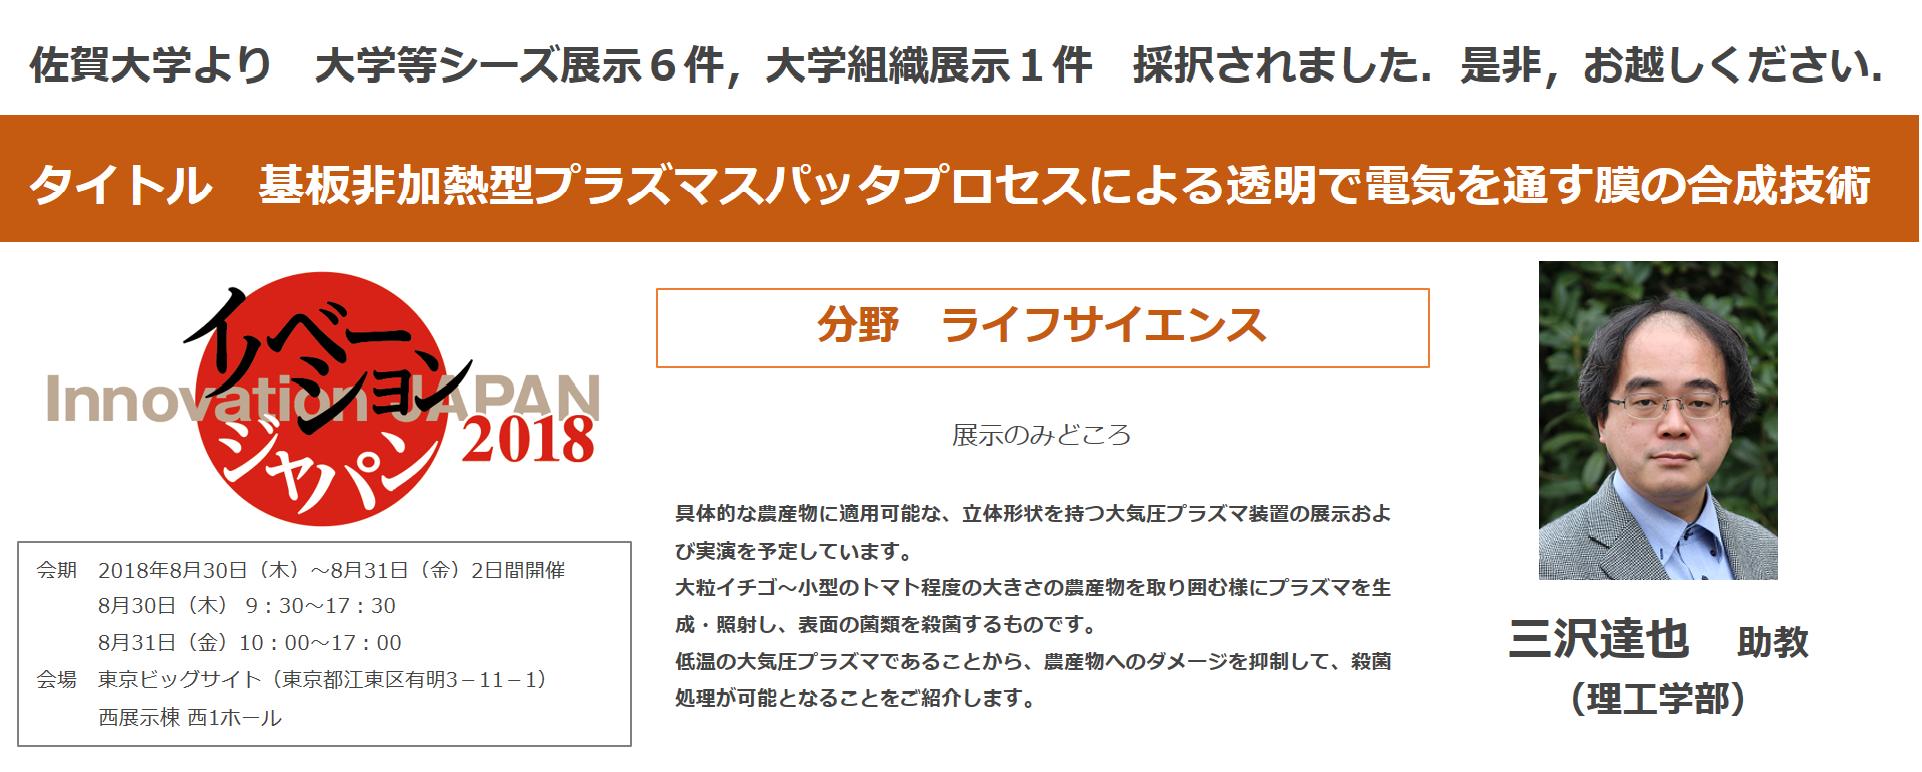 イノベーションジャパン(三沢先生)